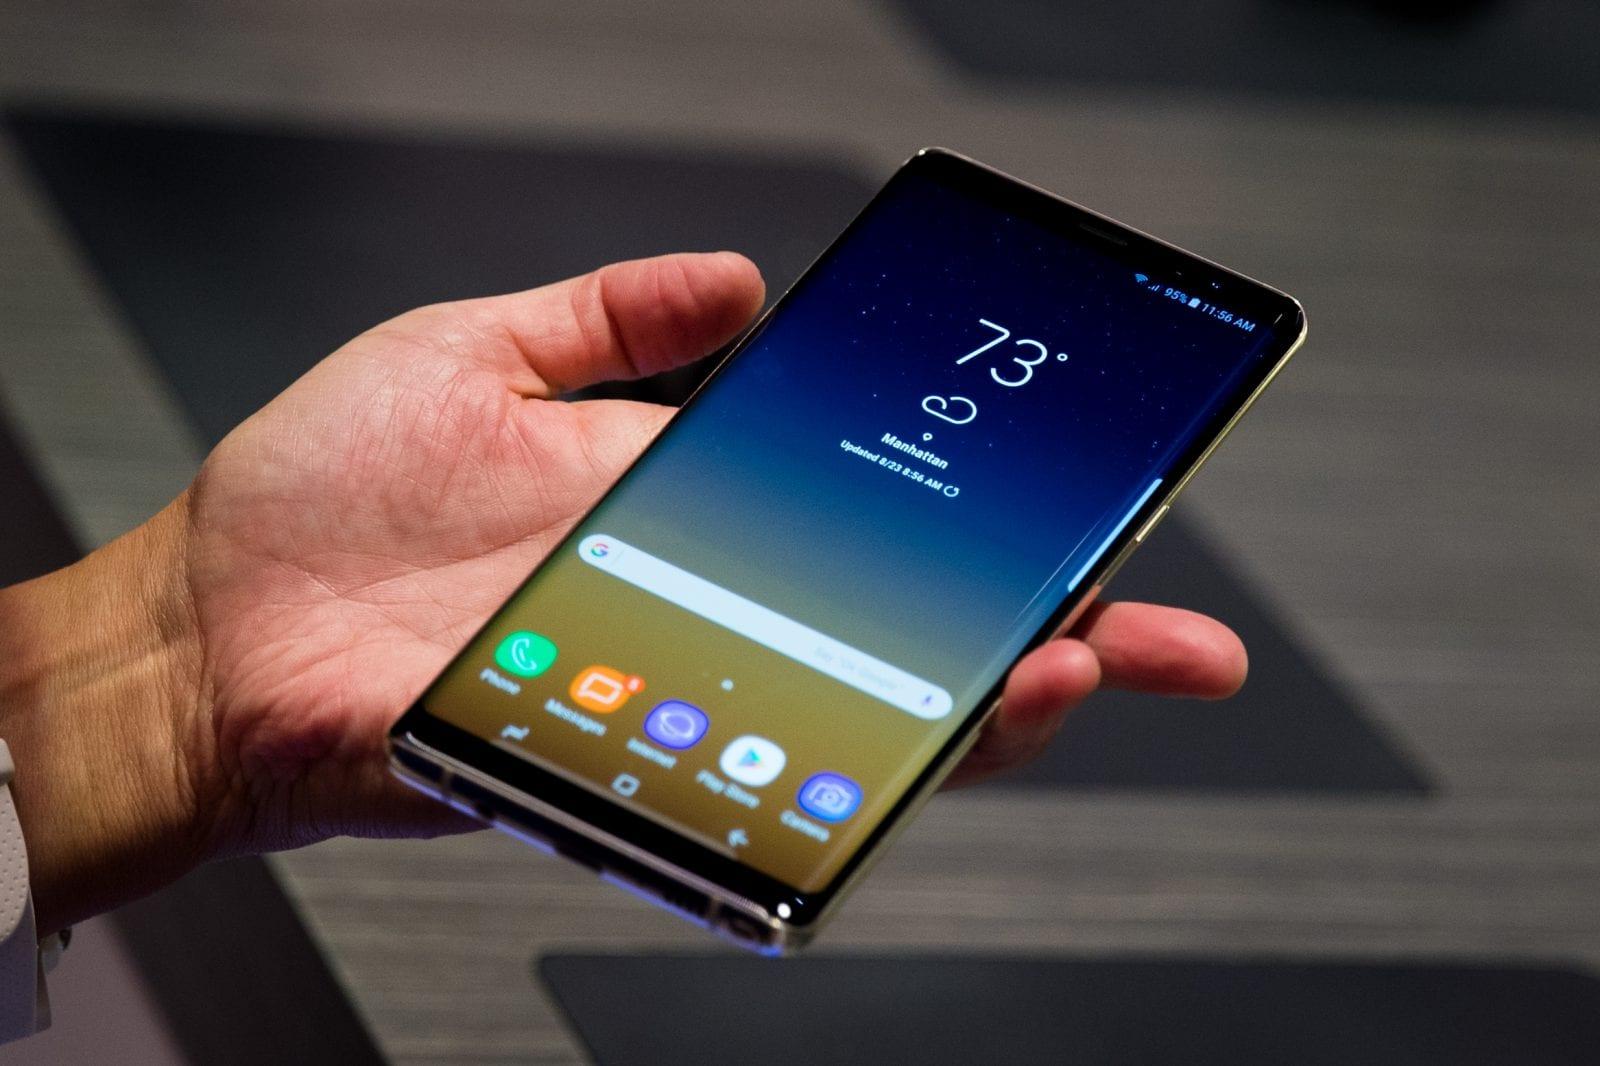 كيفية إعادة ضبط المصنع لهاتف Samsung